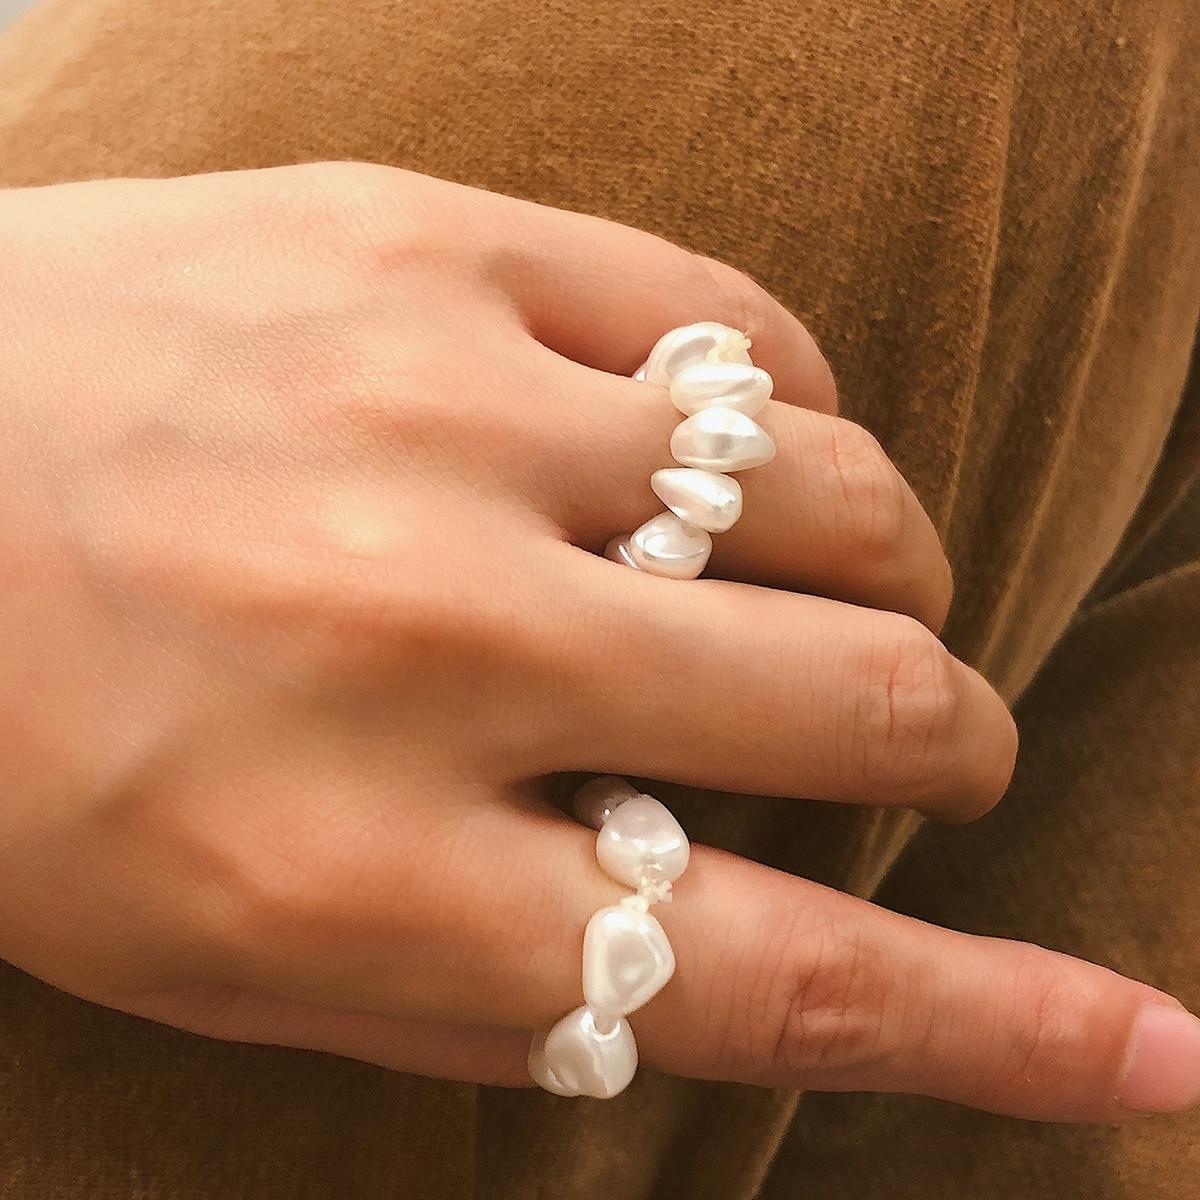 Pierscione-anillo Vintage para Mujer, sortijas estéticas, piedra semipreciosa, bisutería femenina